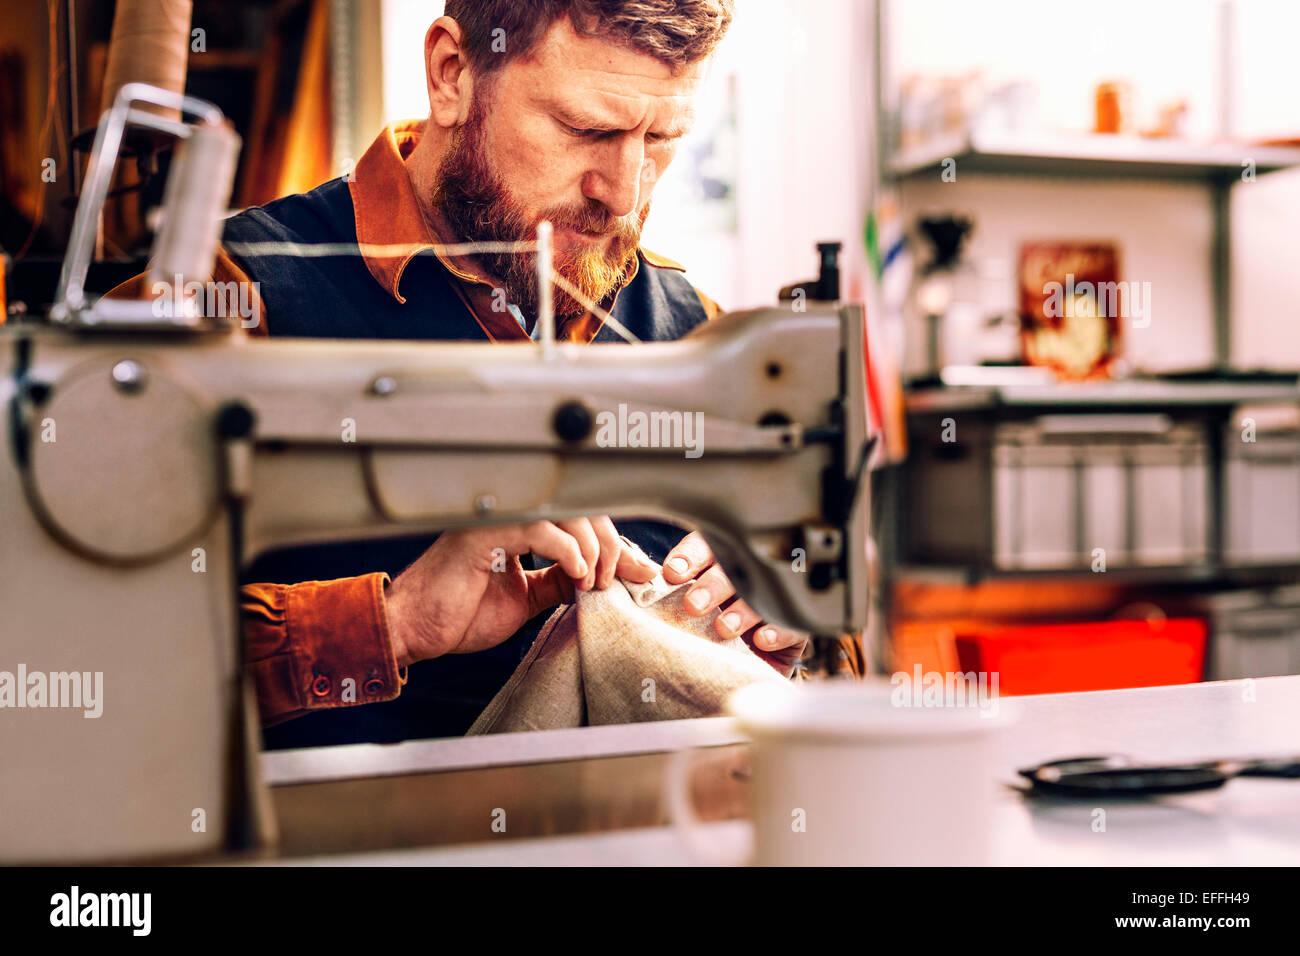 Worker holding tissu à table de couture en atelier Photo Stock